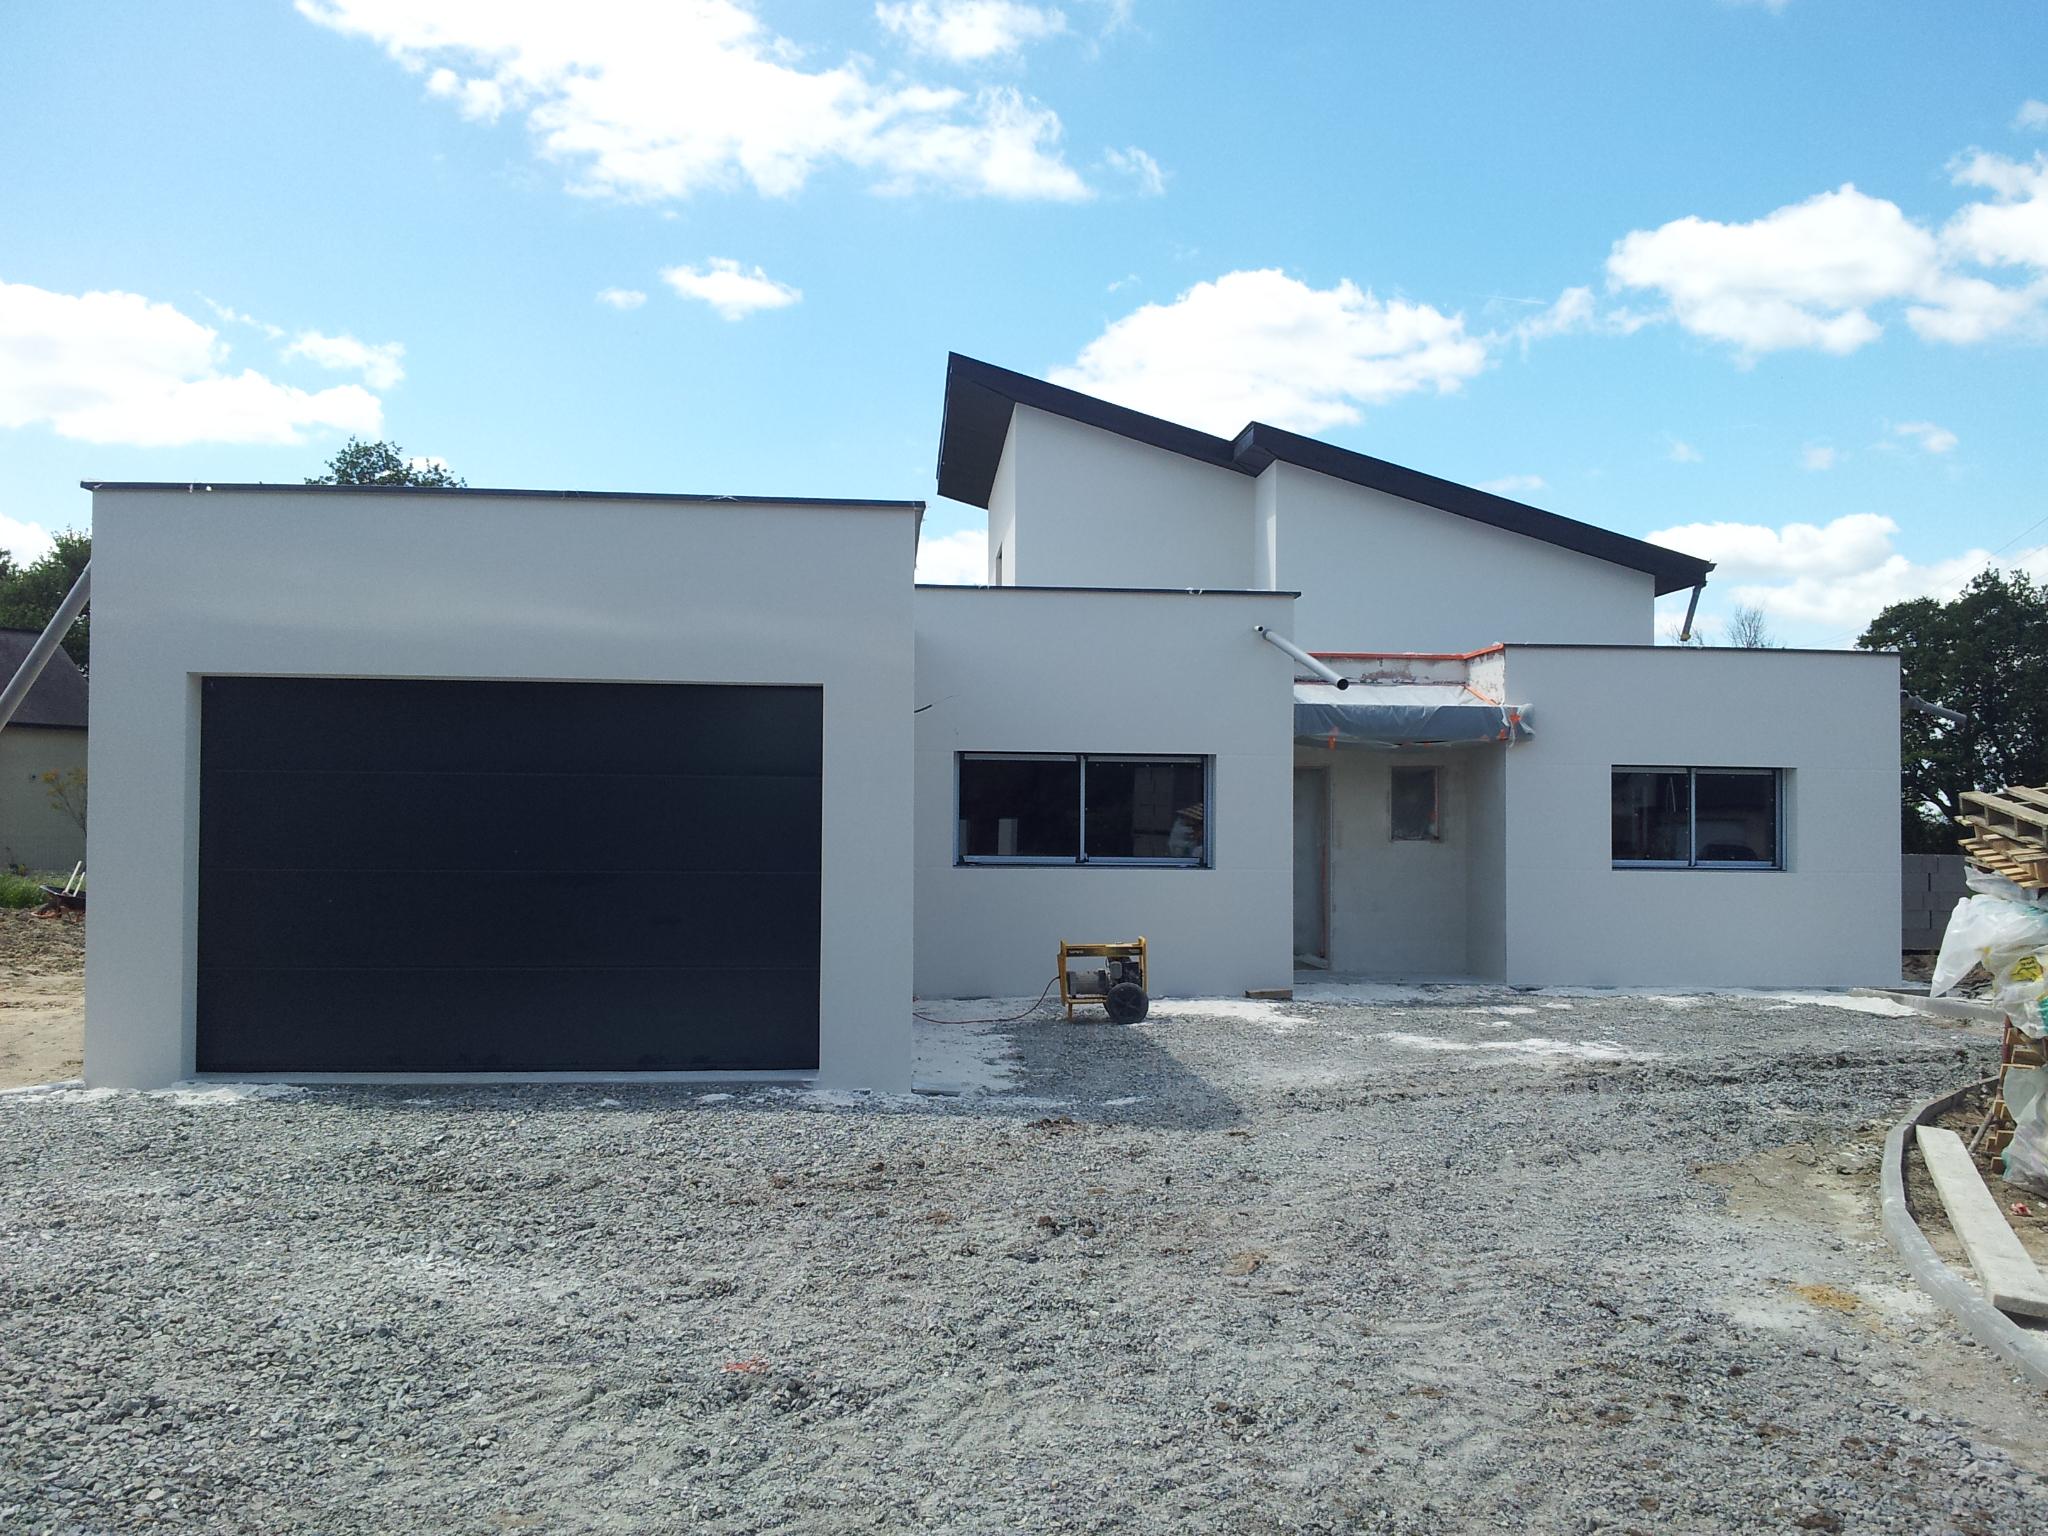 La maison neuve dominique chaplet architecte dplg for Habitation neuve